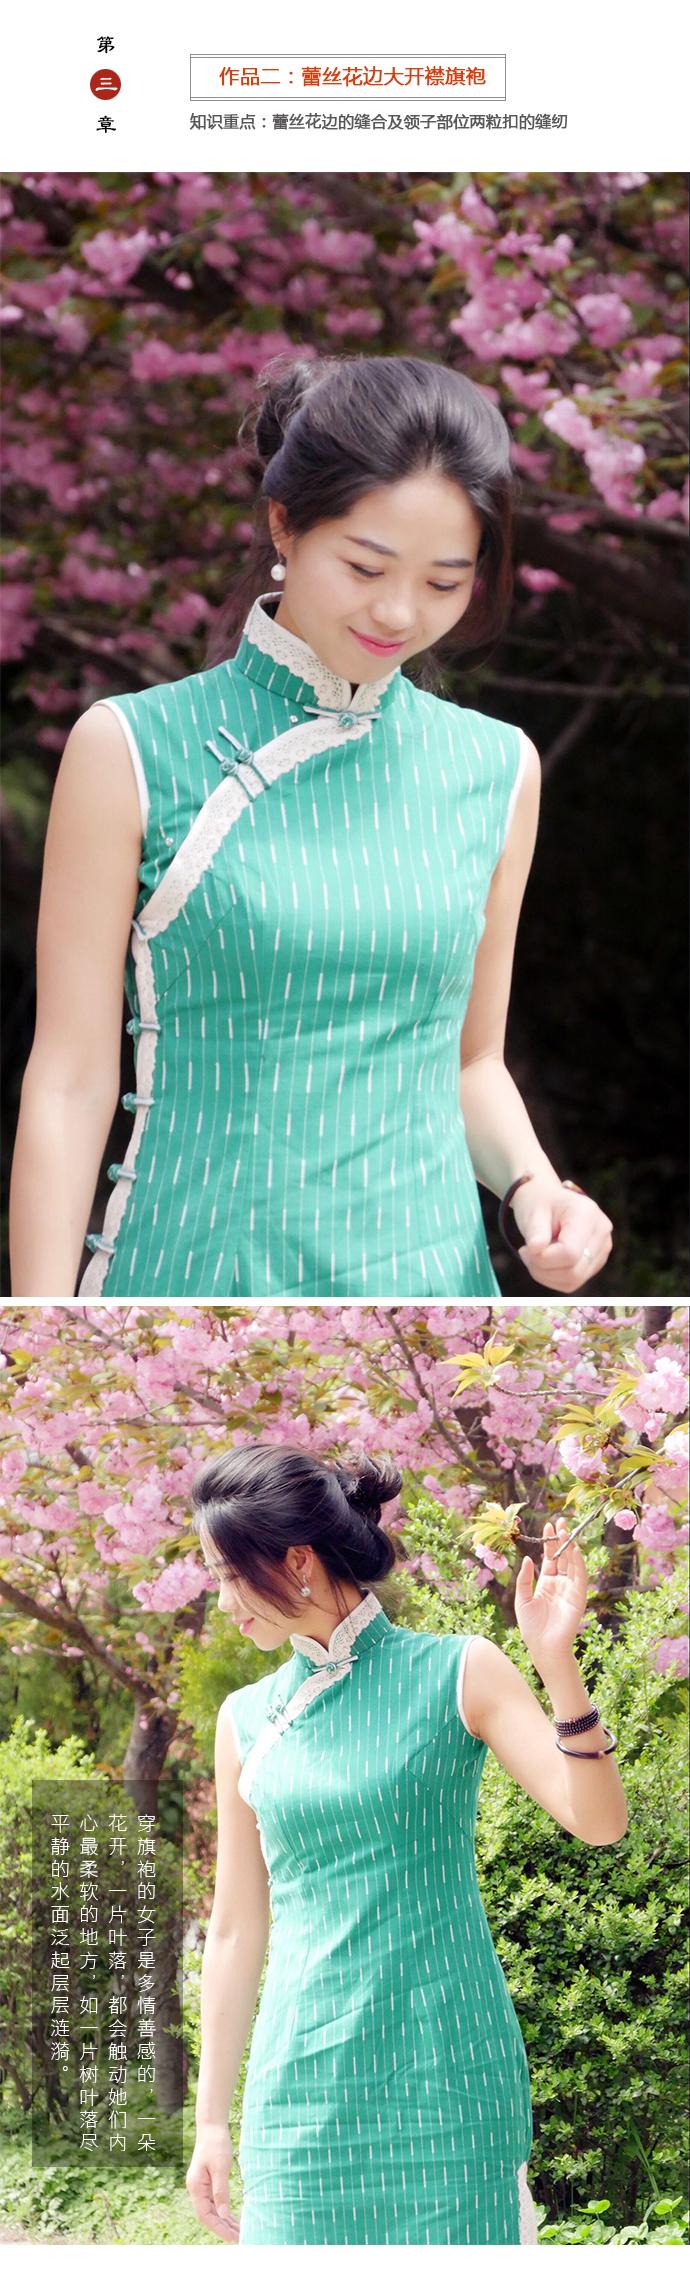 一件优雅旗袍诞生的秘密